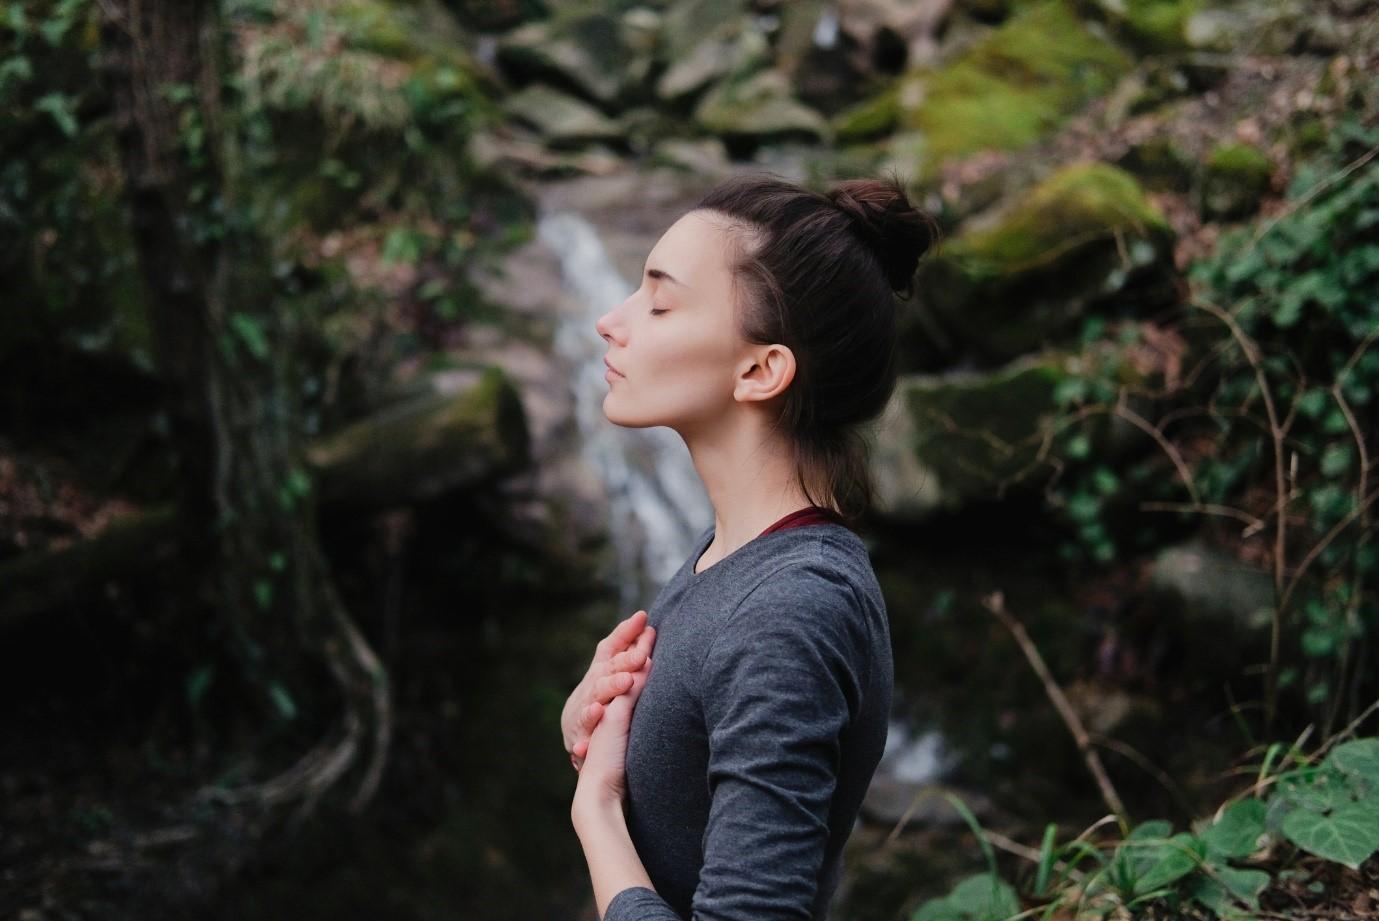 De kracht van geest, gezondheid en geduld